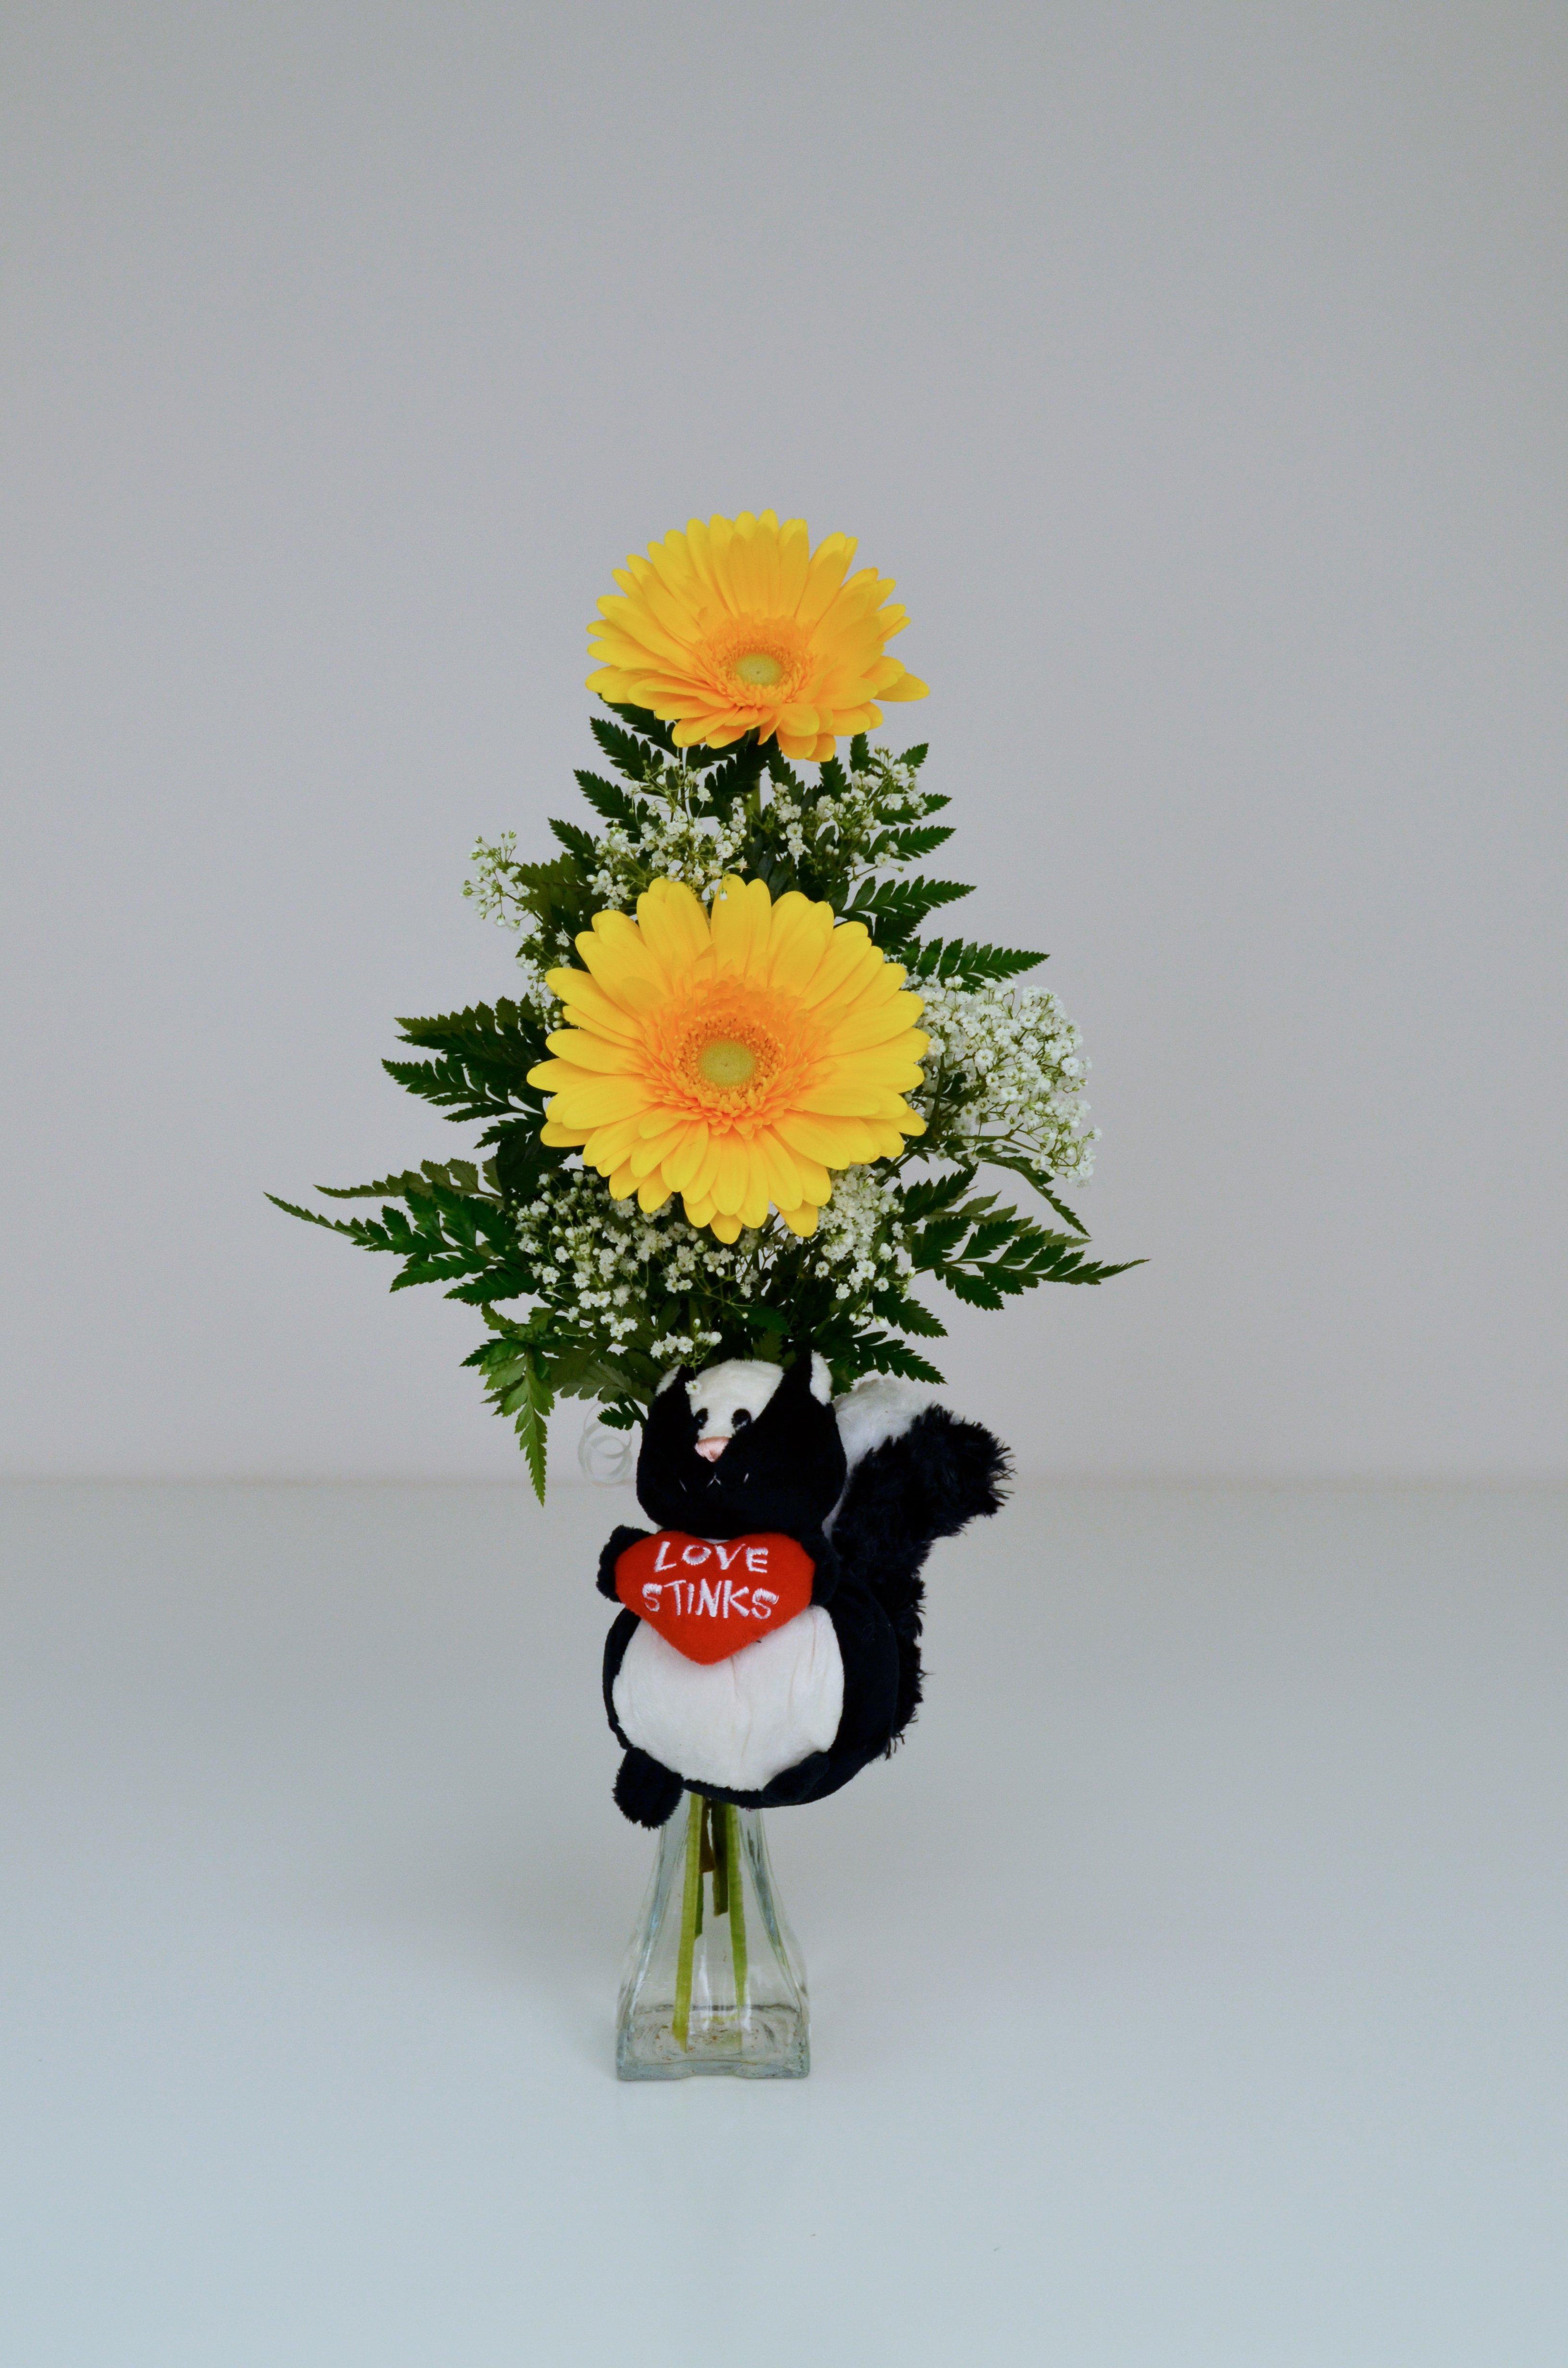 Anti-Valentines day bouquet